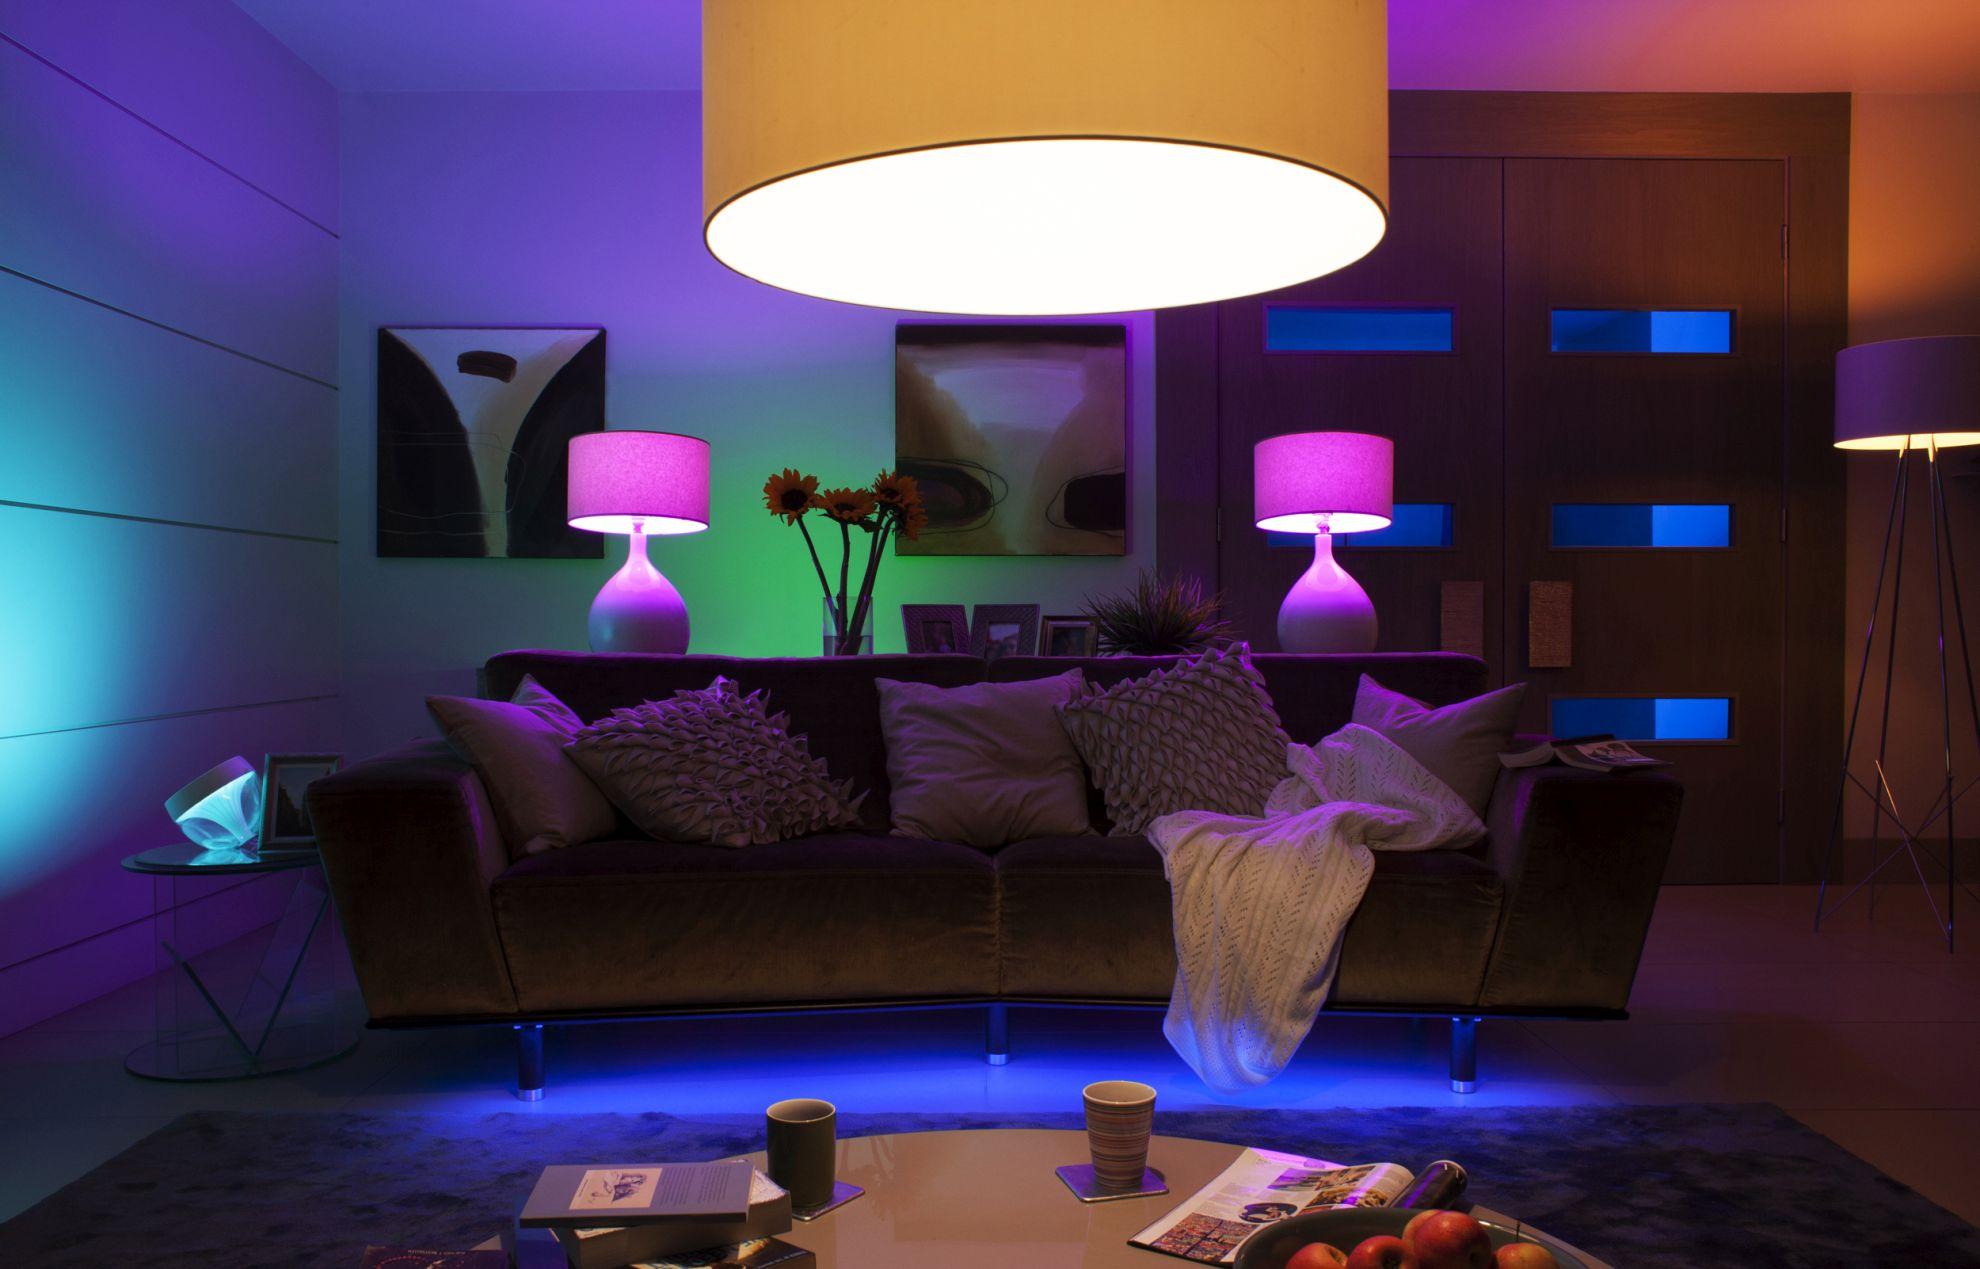 Hue Lampen Philips : Philips hue entertainment so erleuchten filme und spiele euer